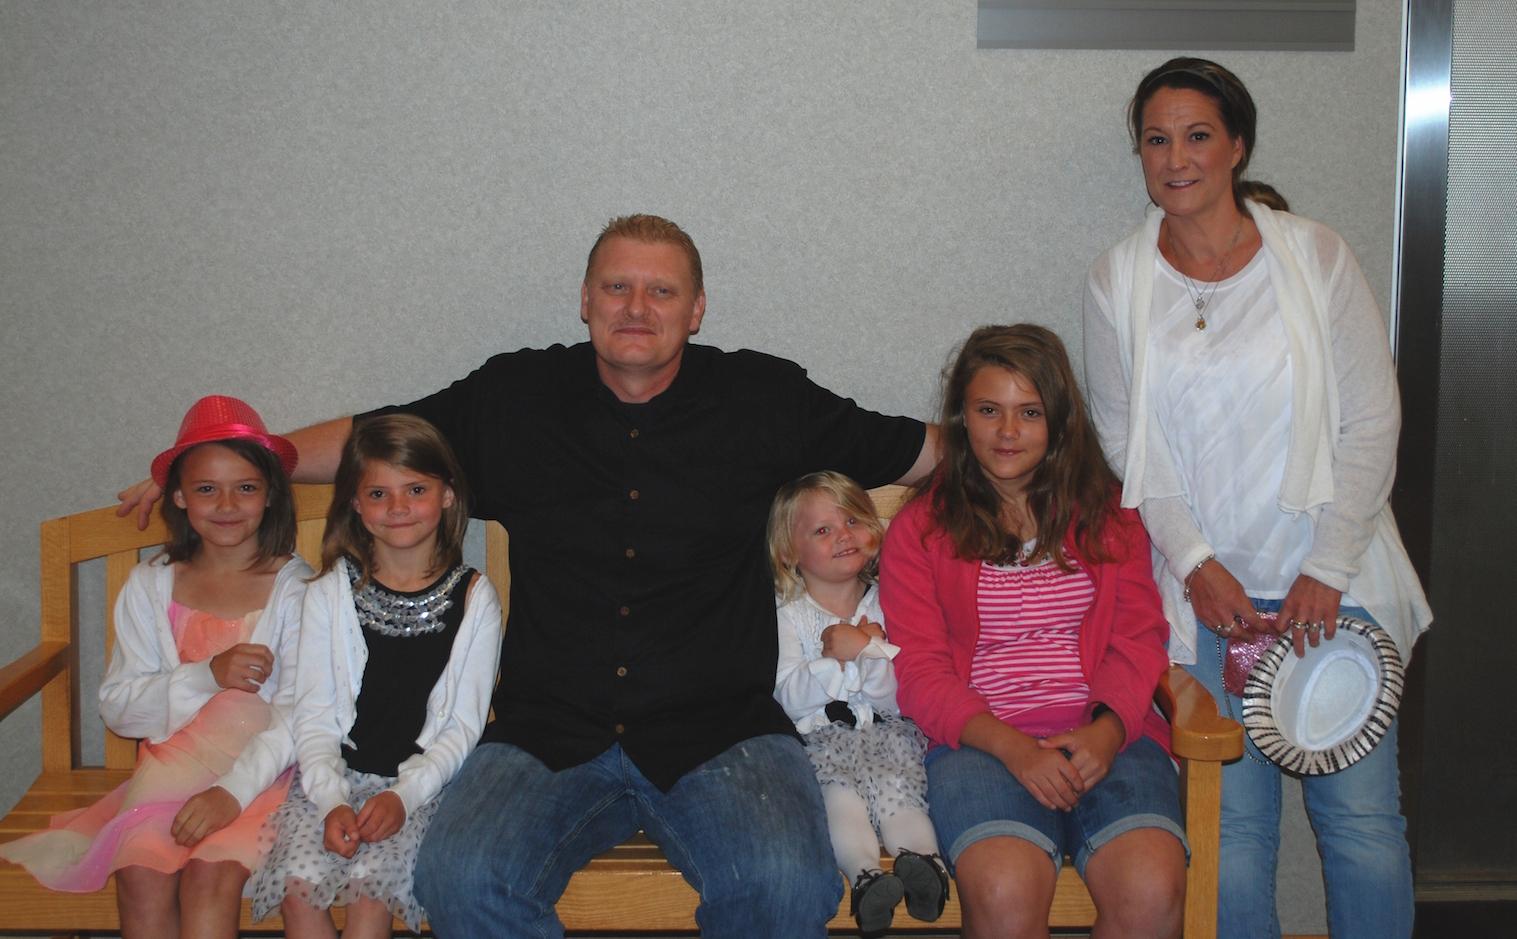 Godlaski Family